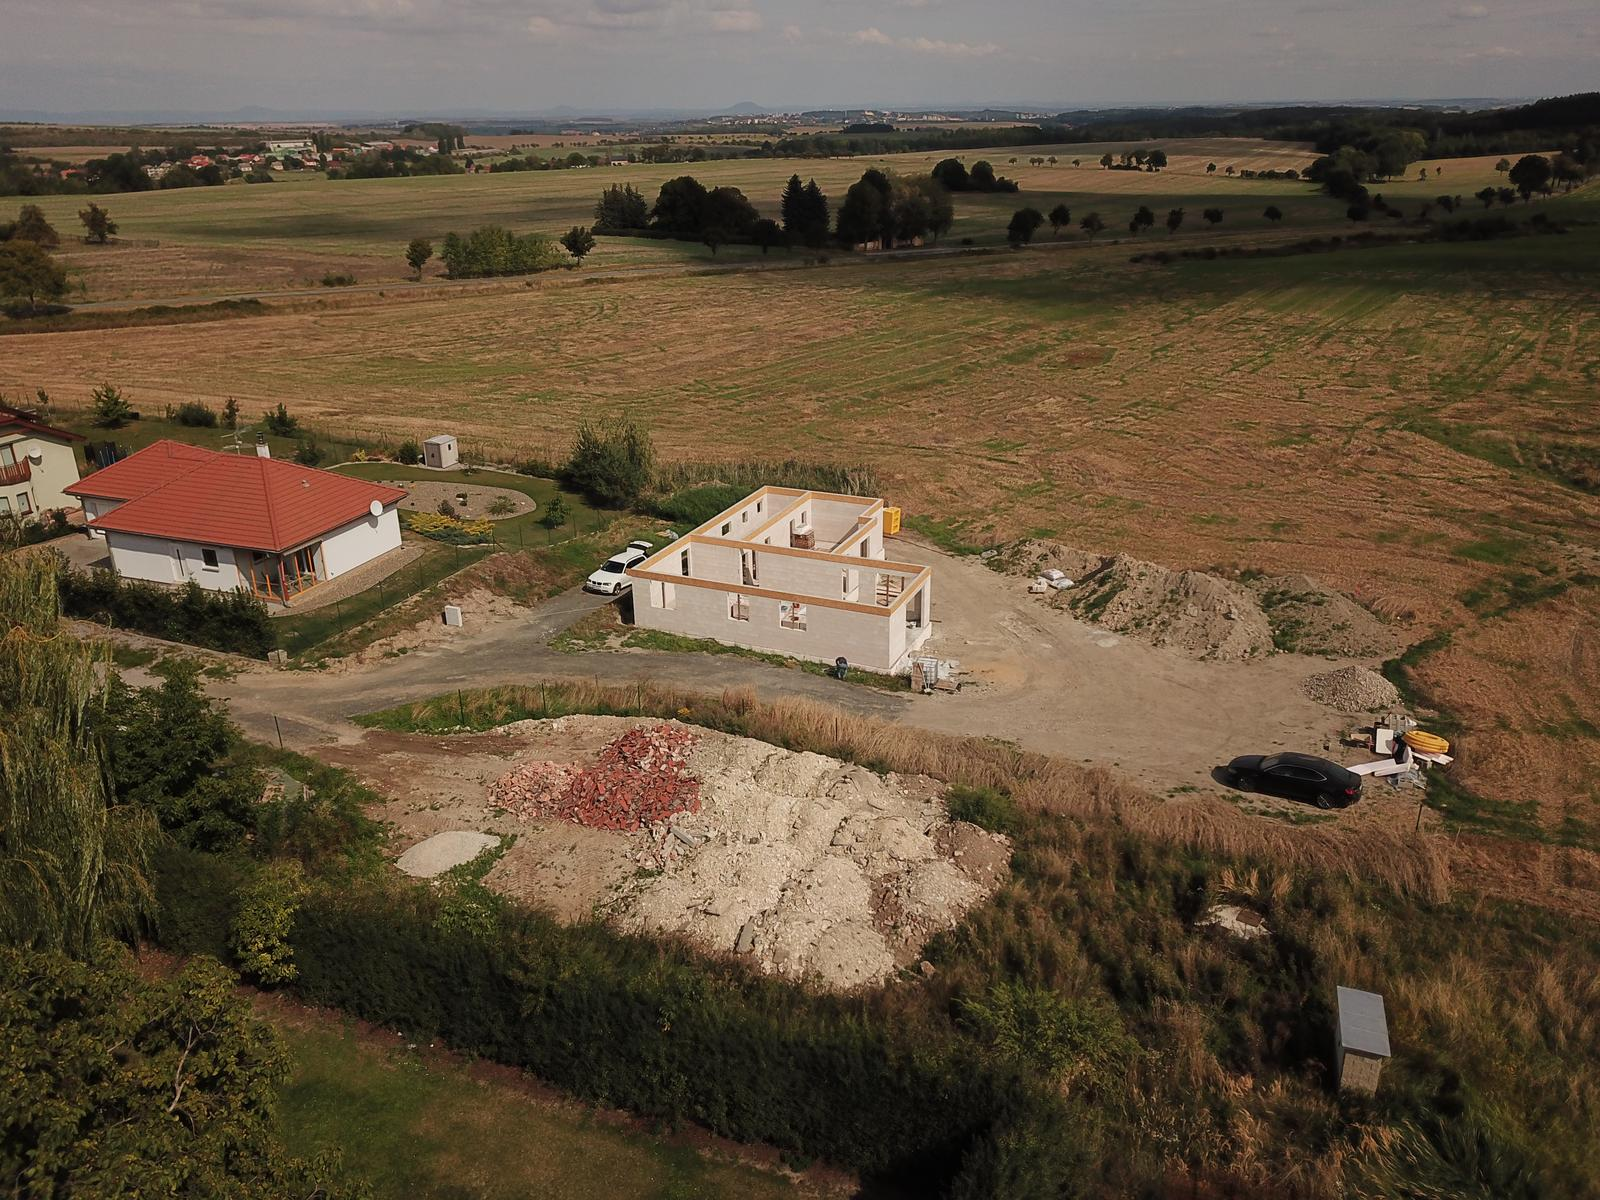 Bungalov s plochou střechou - Obrázek č. 92